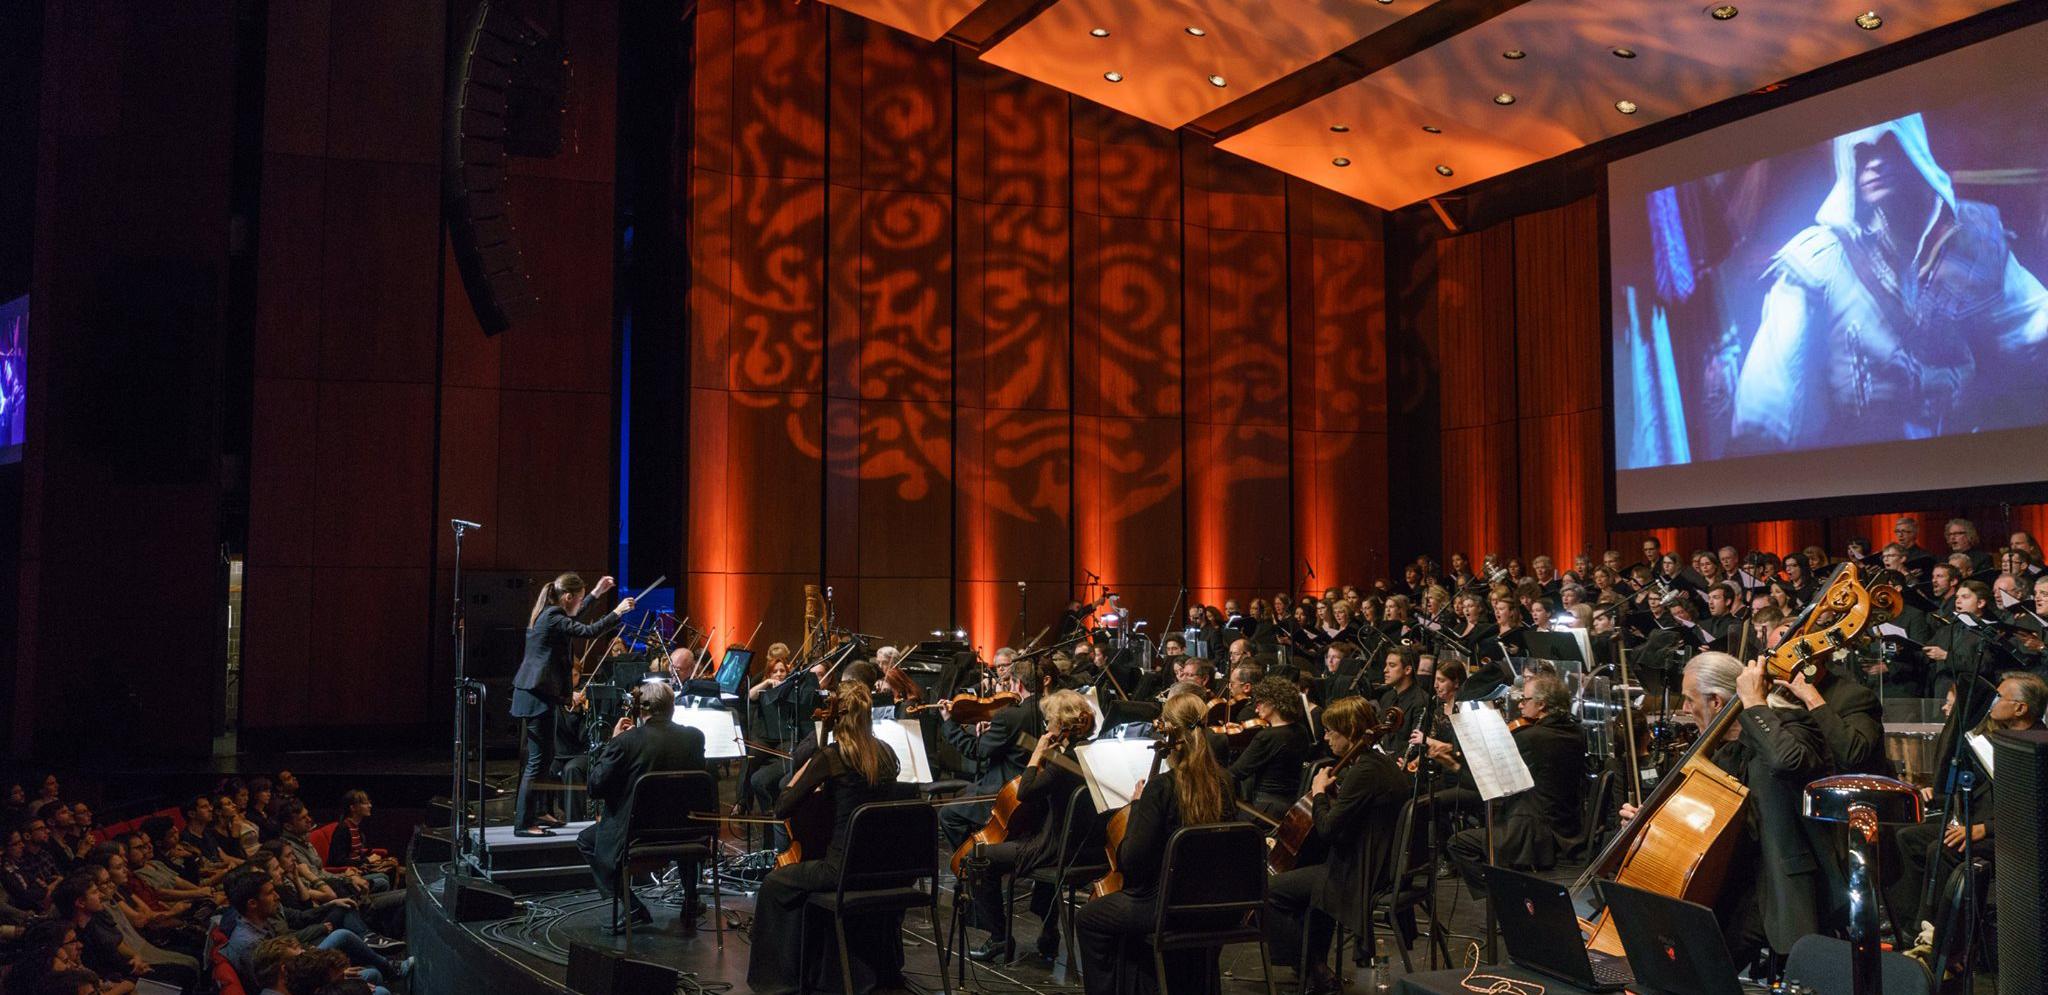 symphonie-du-jeu-video-de-montreal-orchestre-metropolitain-02-crop